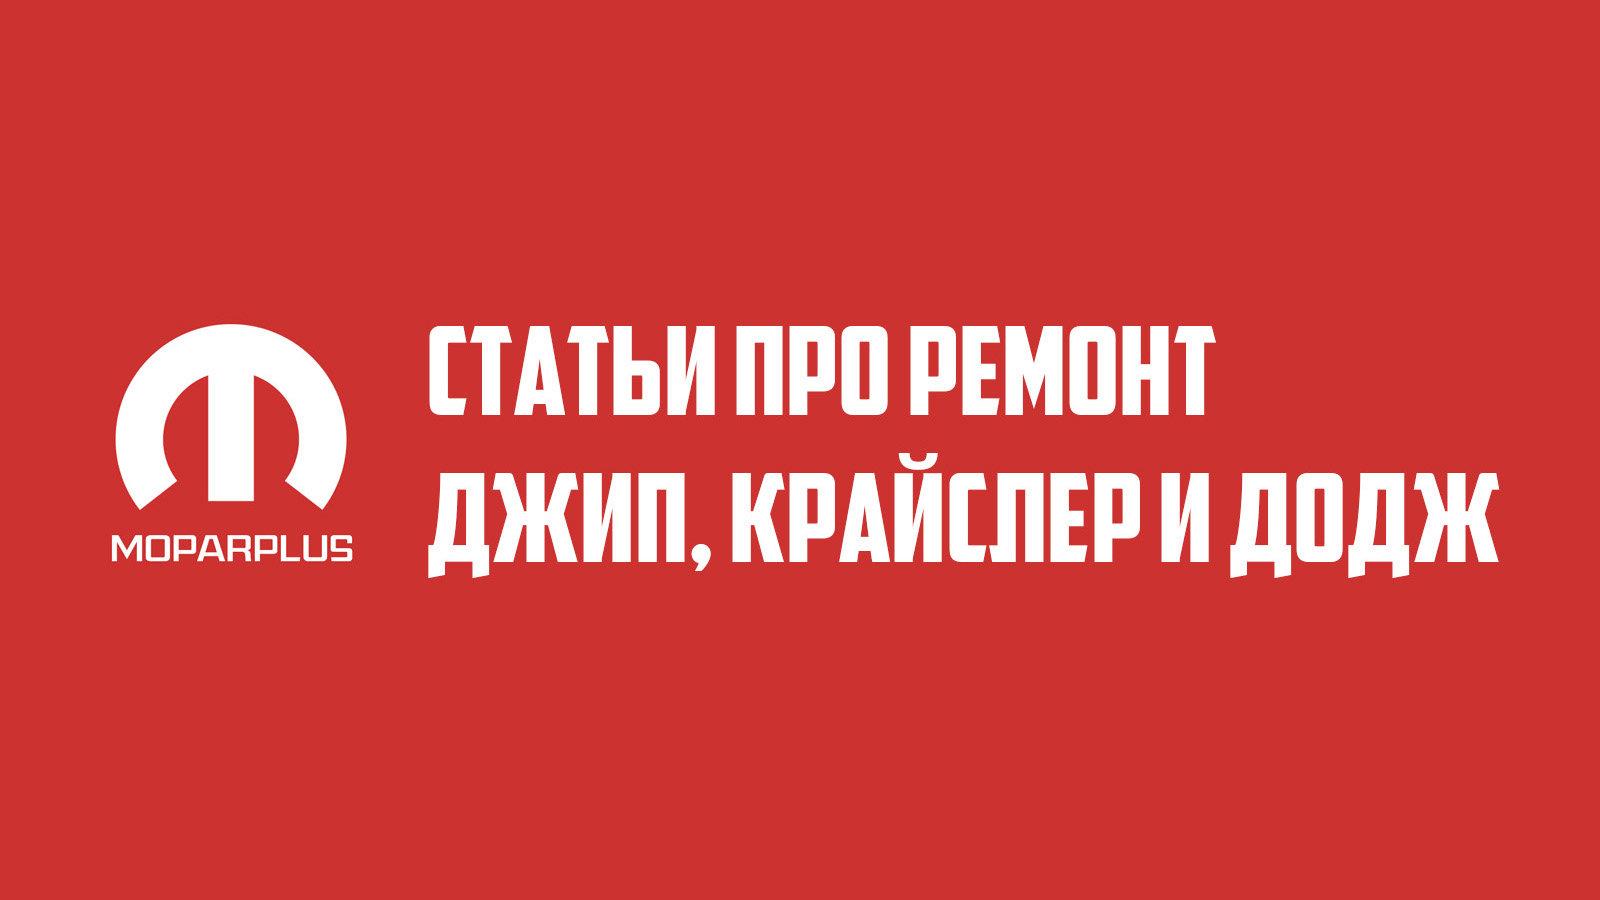 Статьи про ремонт. Выпуск №4.